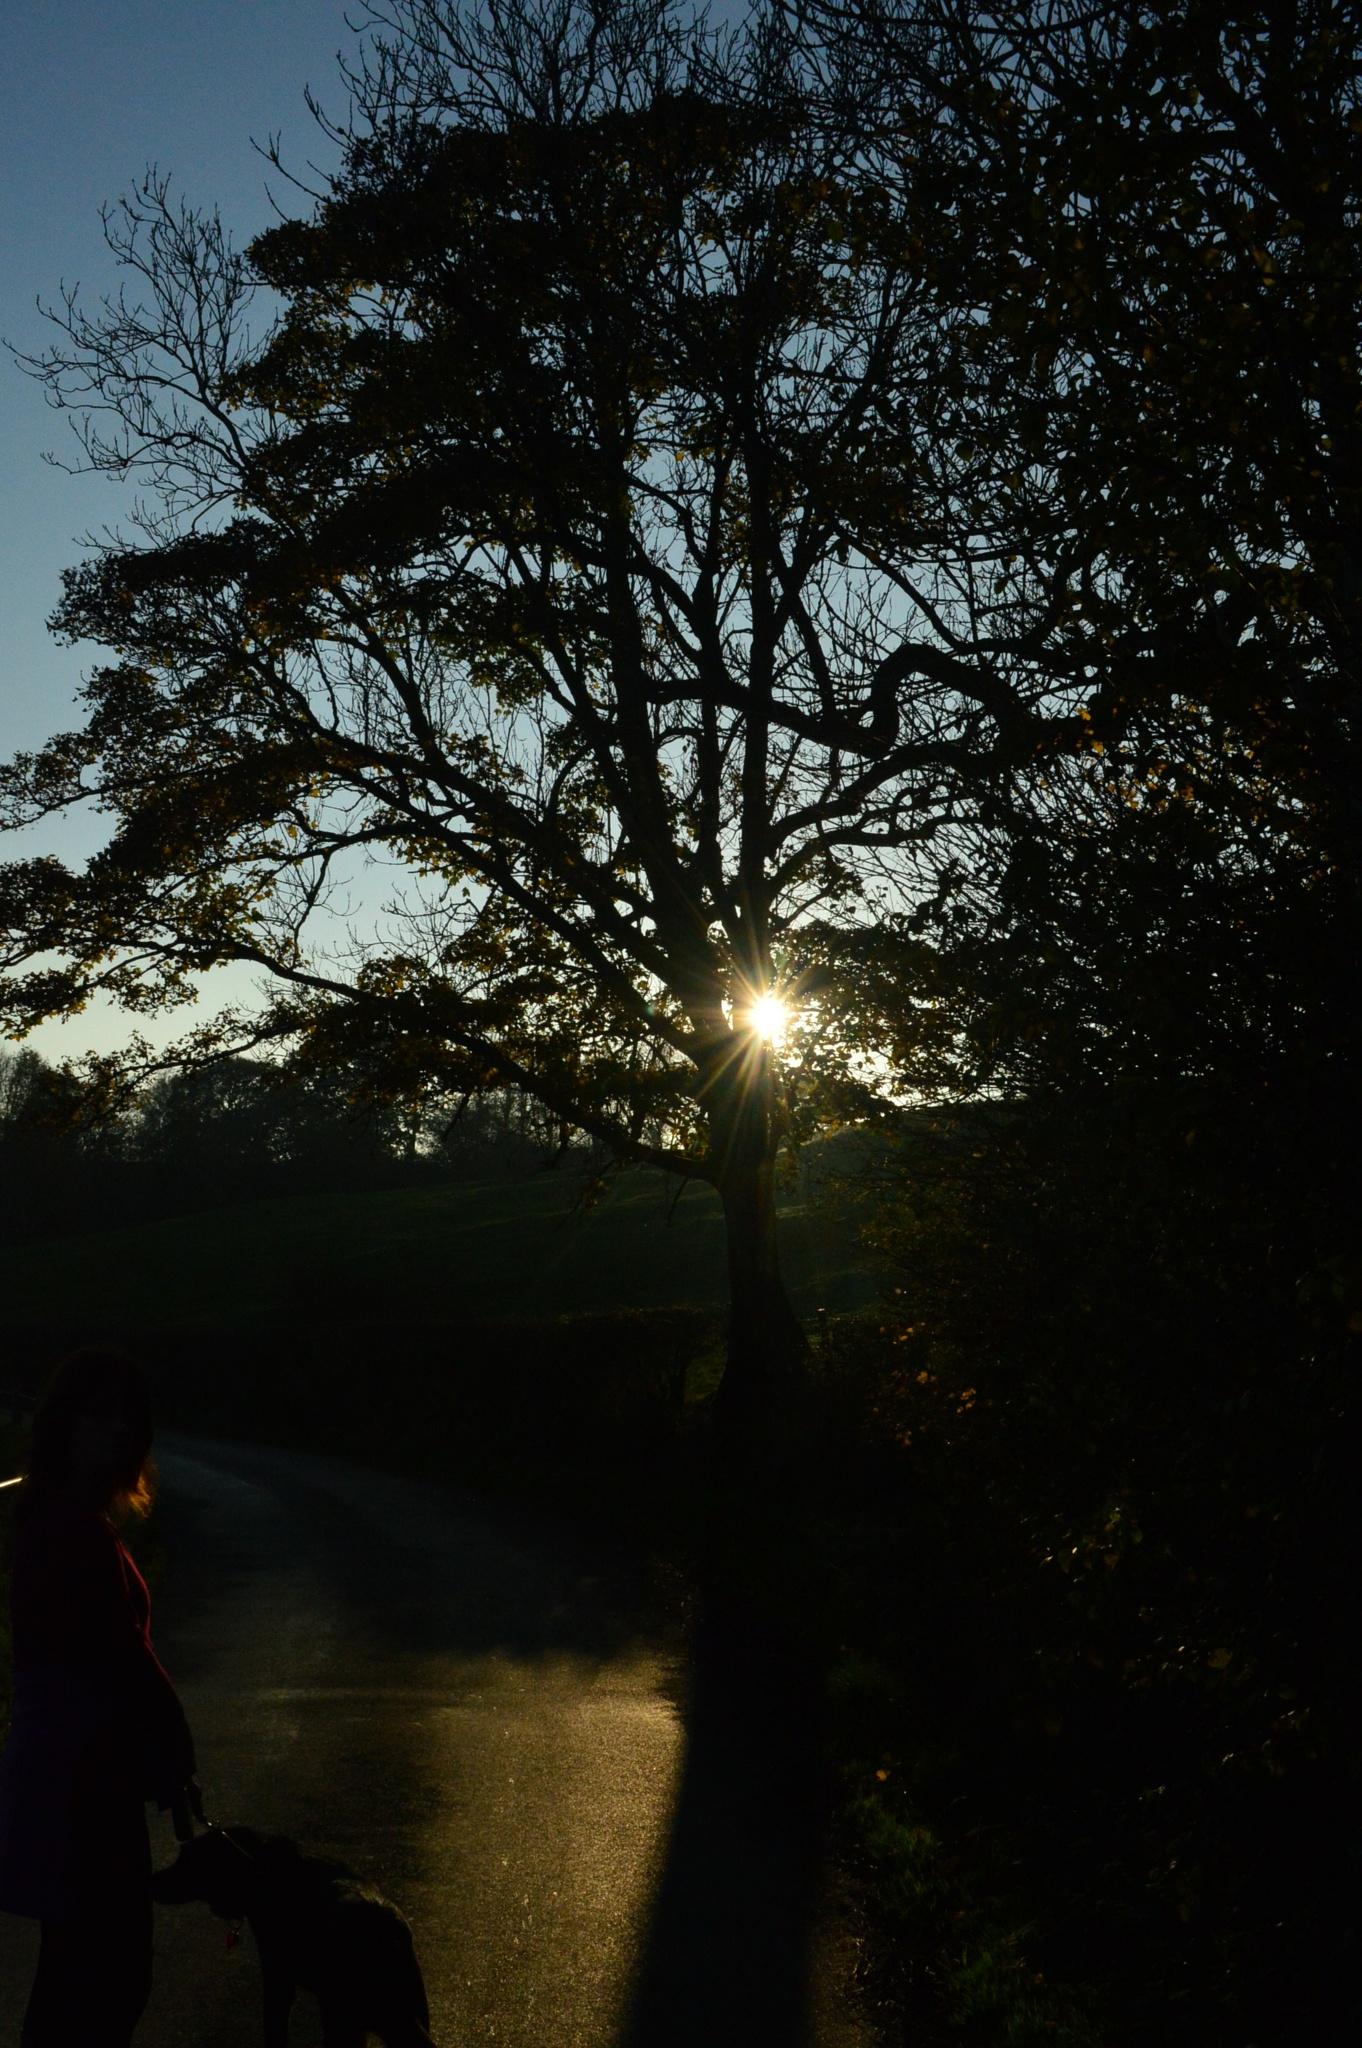 Evening Sun by andrewwalker14